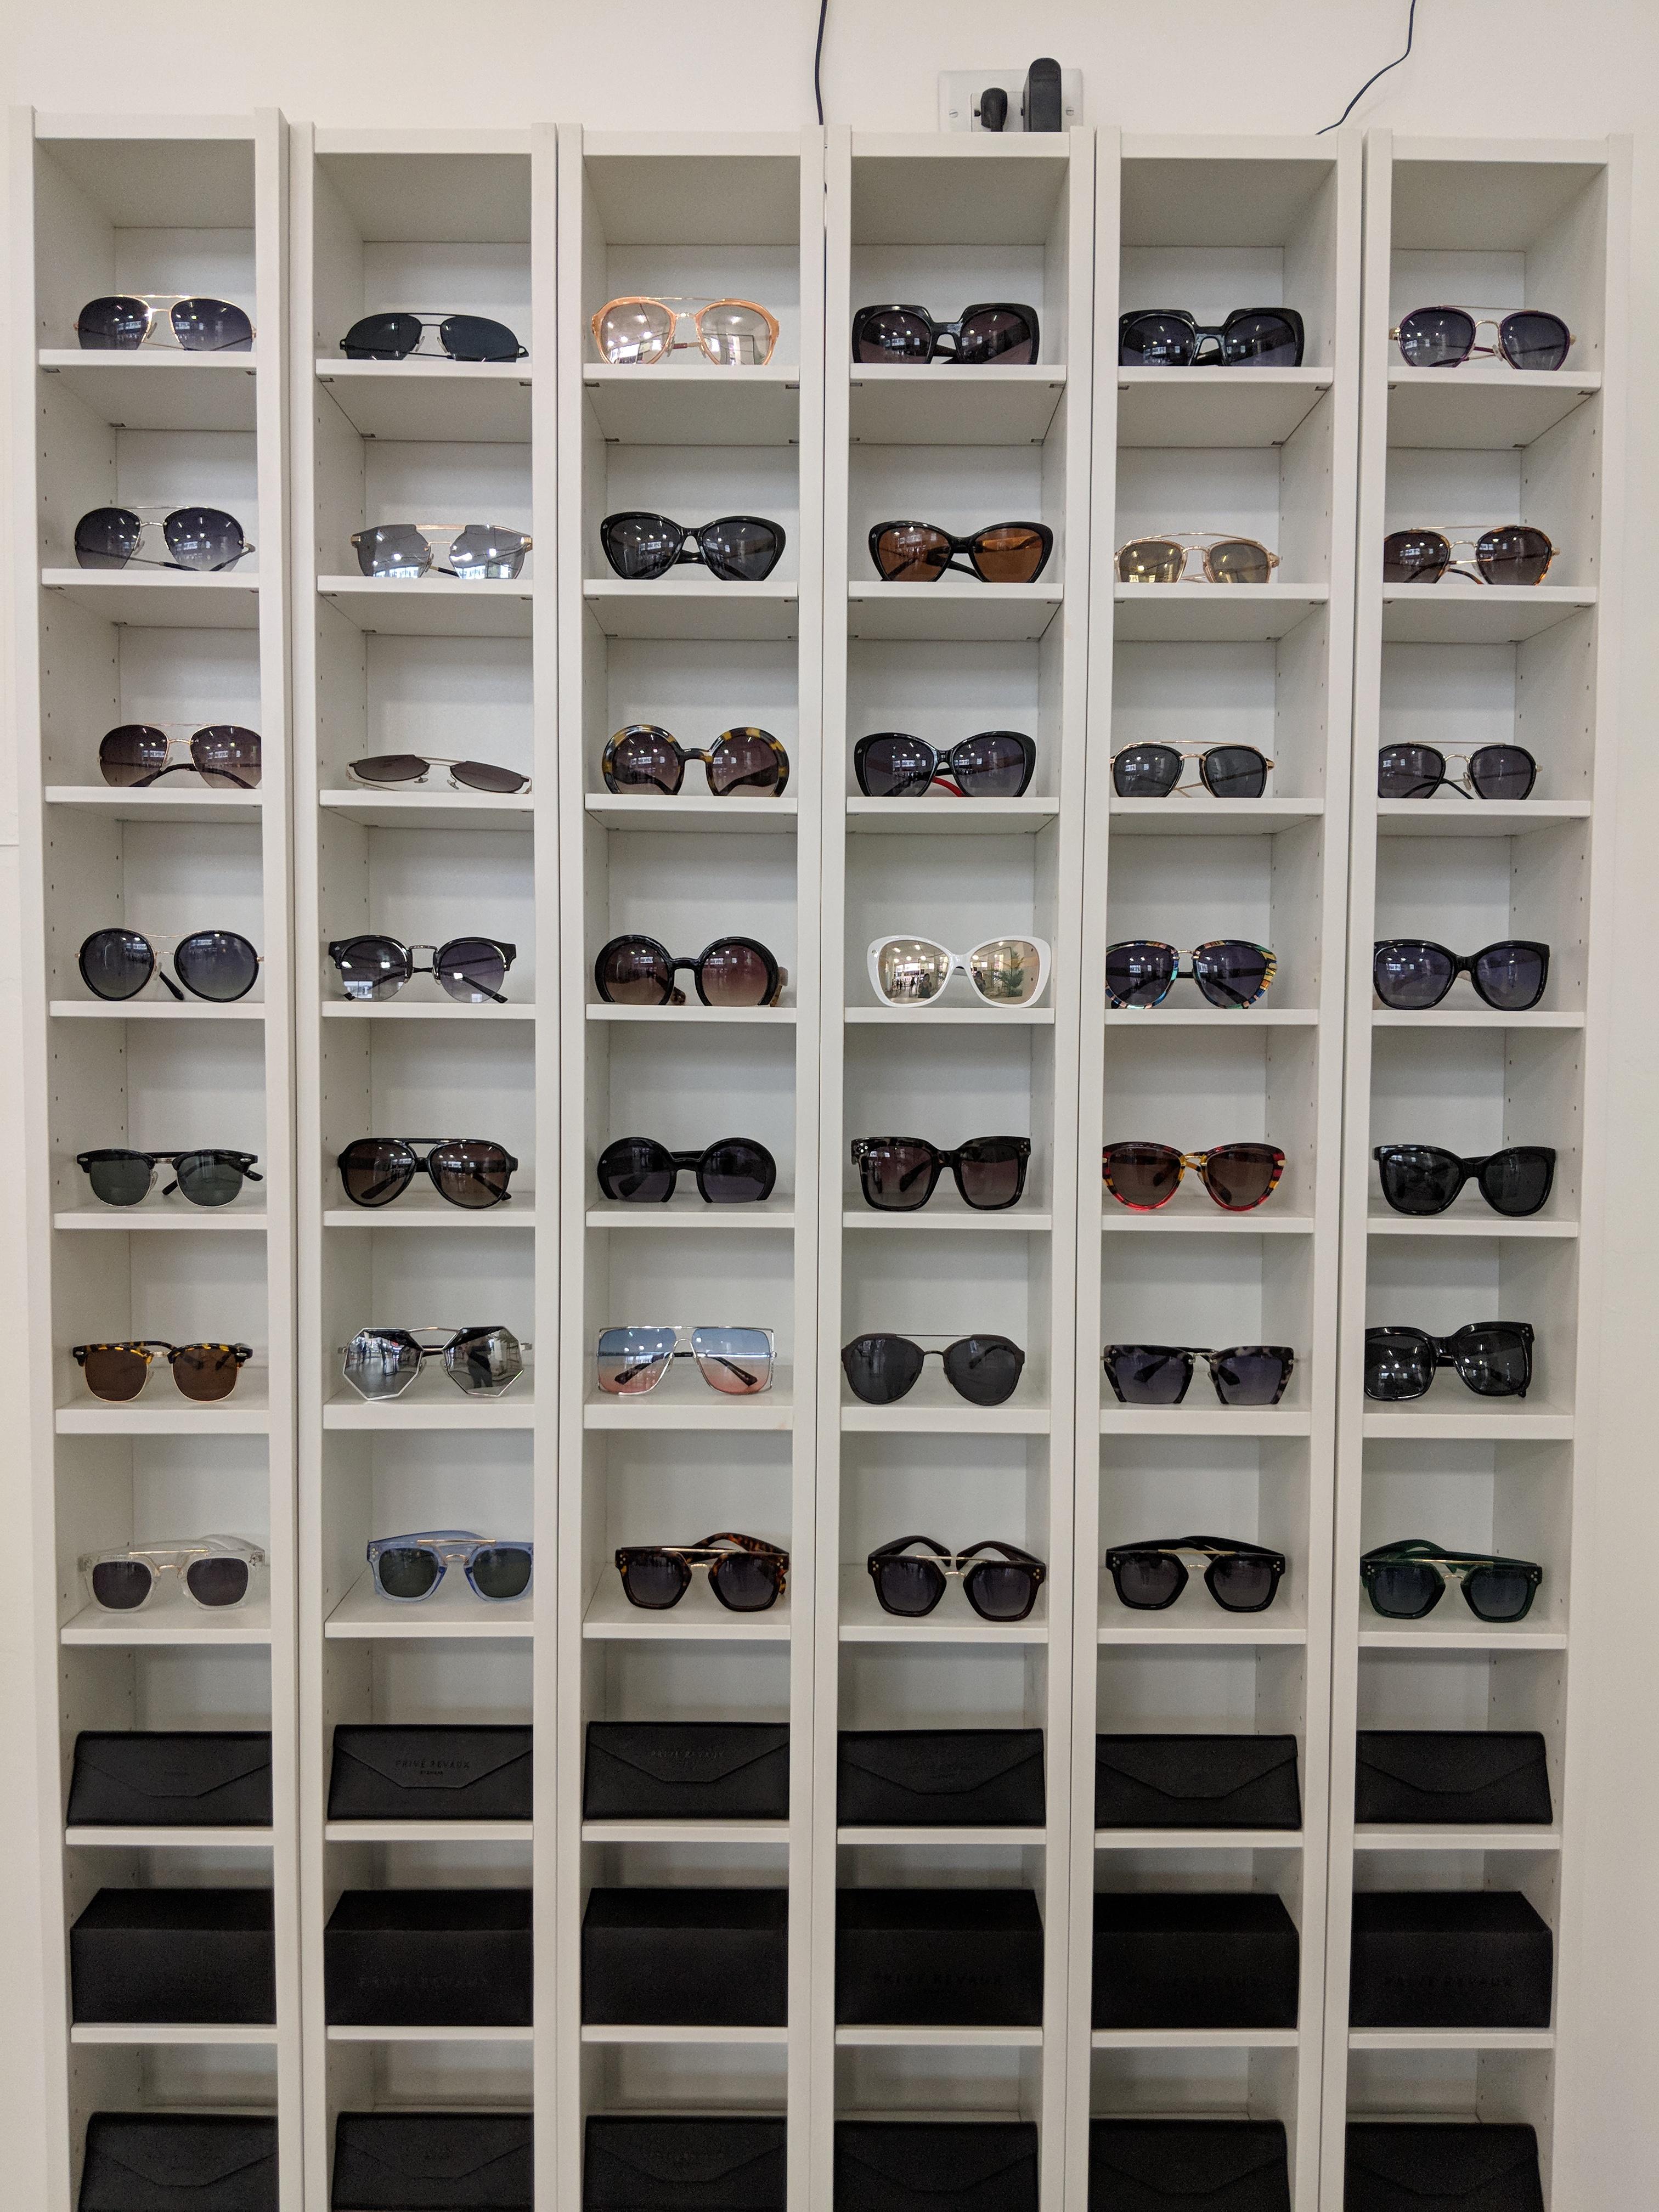 146a015761dbf Óculos de sol barato em Nova York  conheça a marca Privé Revaux ...